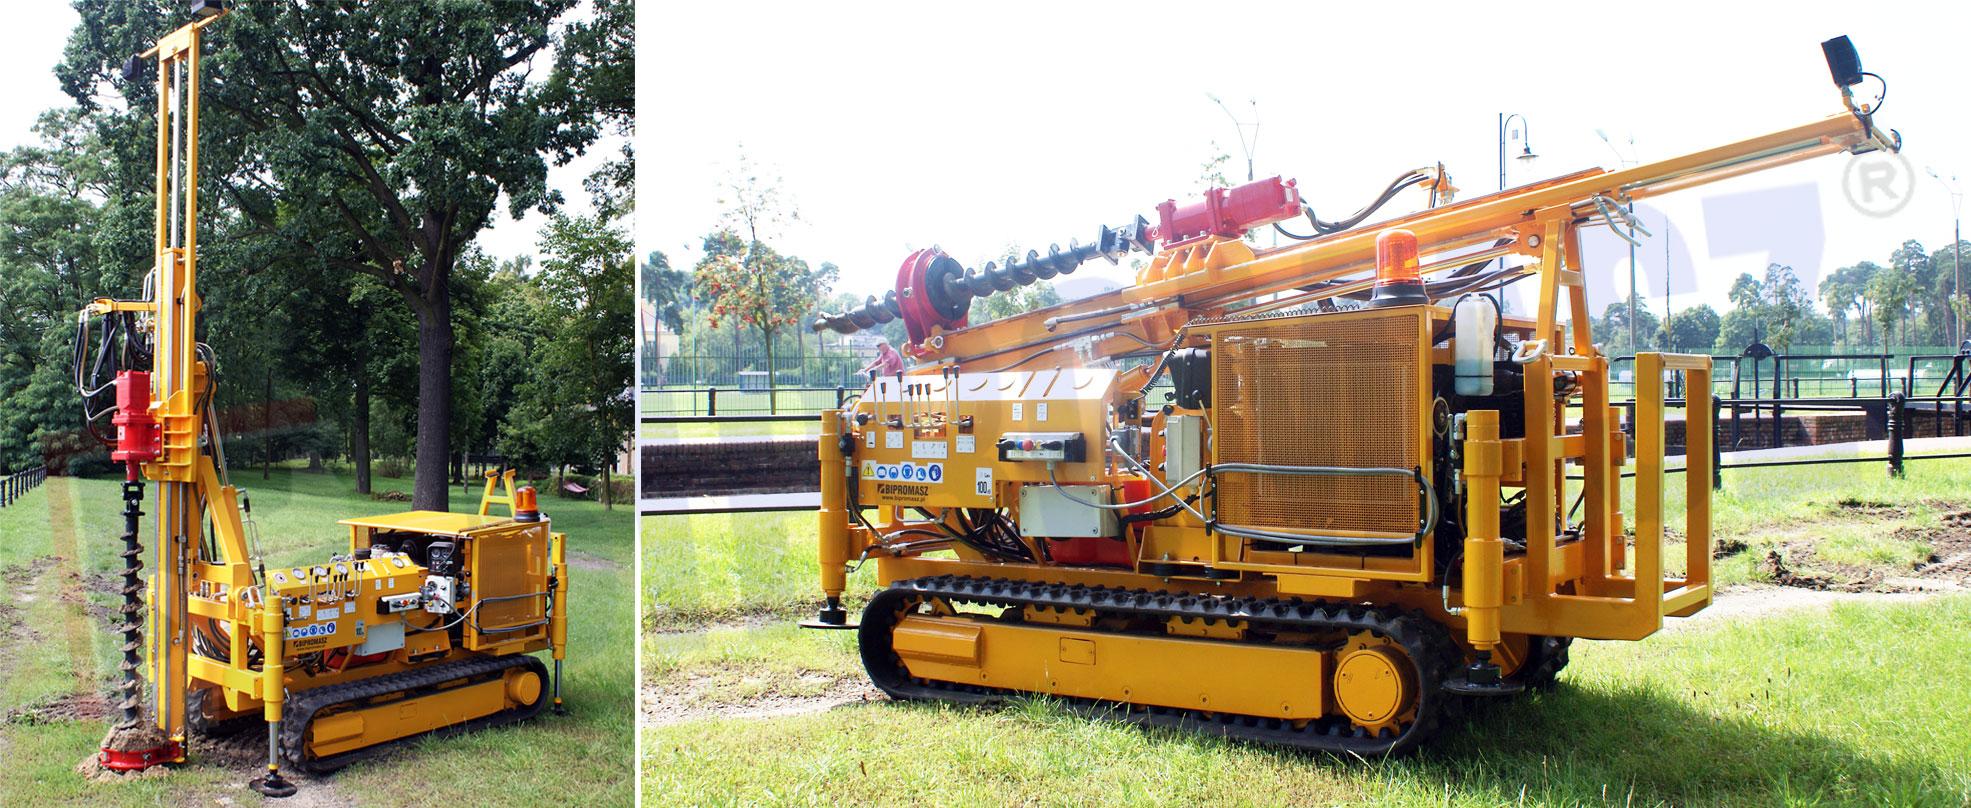 Wykonanie typu H16G/T z prowadnicą teleskopową z posuwem hydraulicznym siłownikowym - Bipromasz